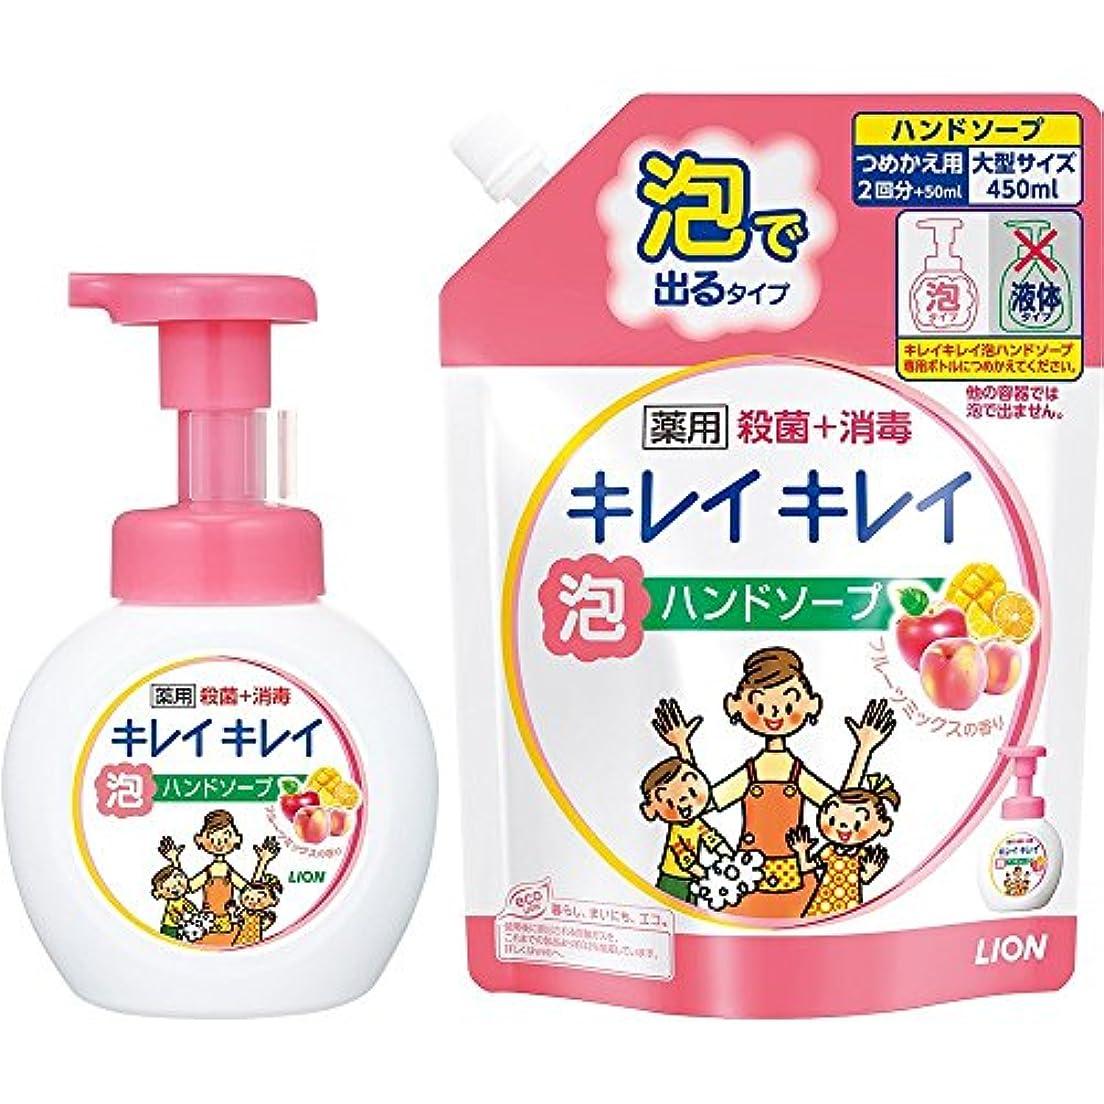 スペア施しディスコキレイキレイ 薬用 泡ハンドソープ フルーツミックスの香り 本体ポンプ250ml+詰め替え450ml(医薬部外品)